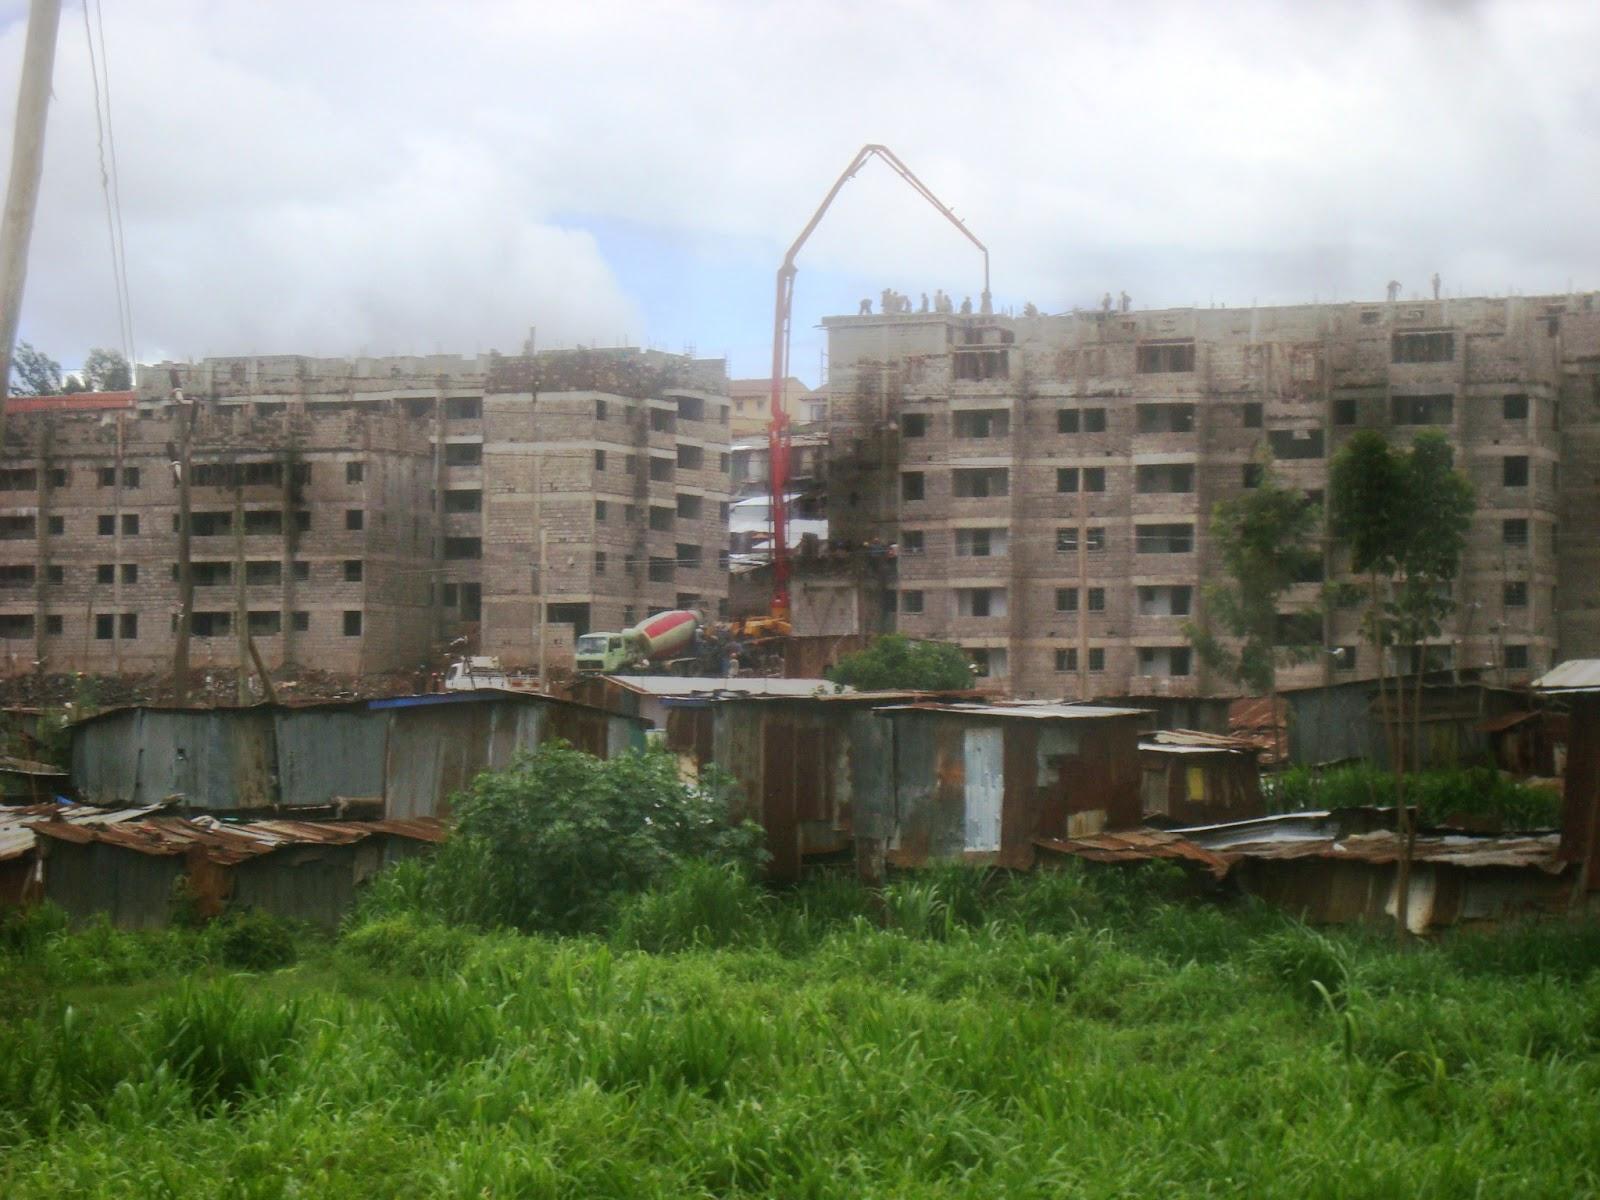 Bildergebnis für die zukunft slums in the city